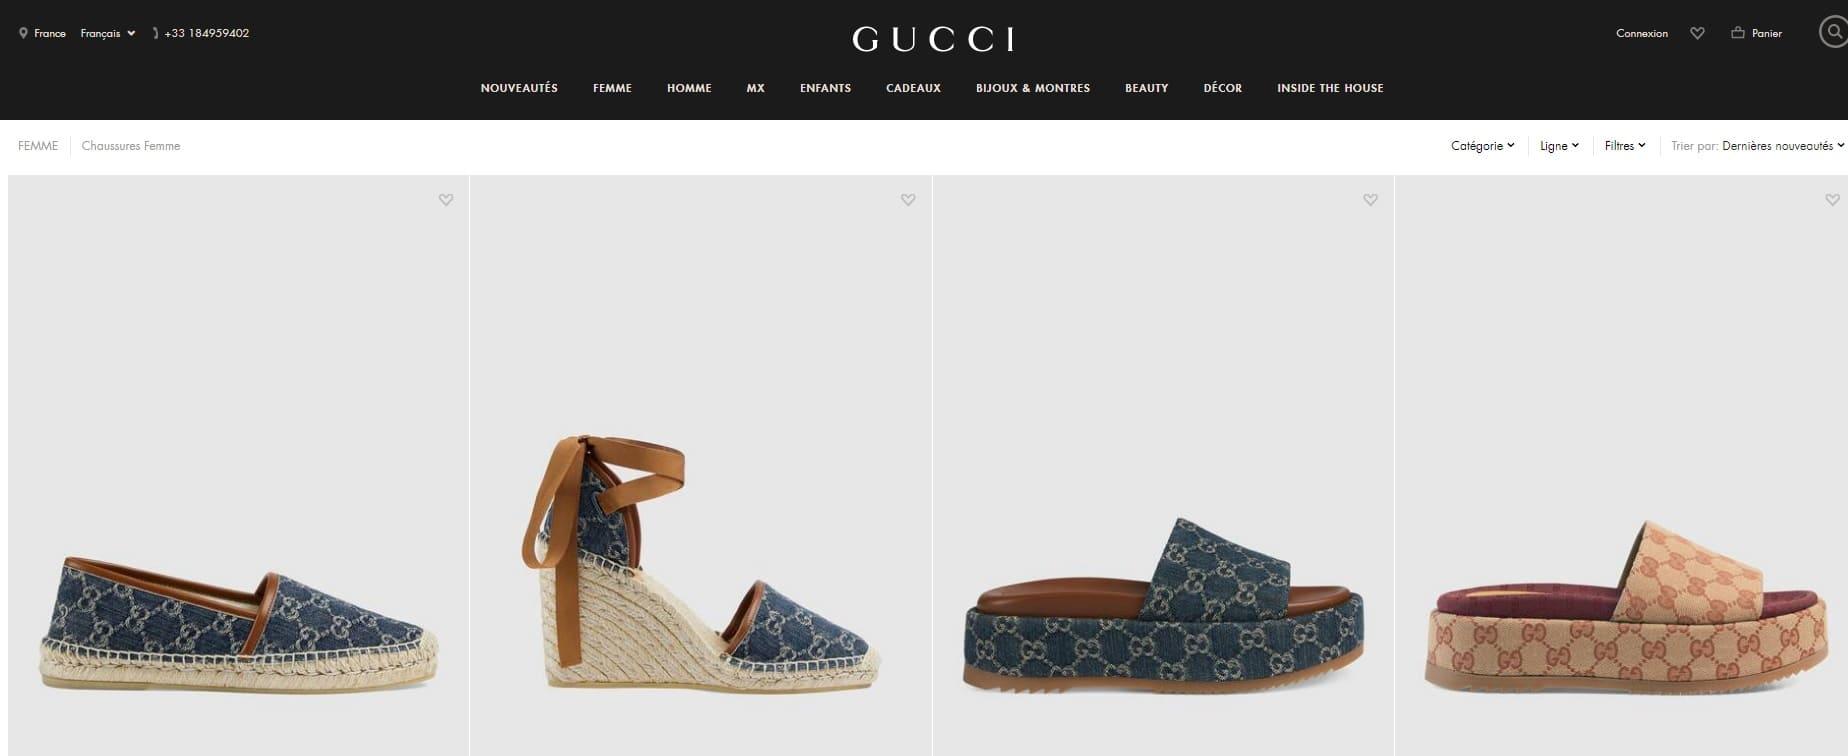 Gucci-web